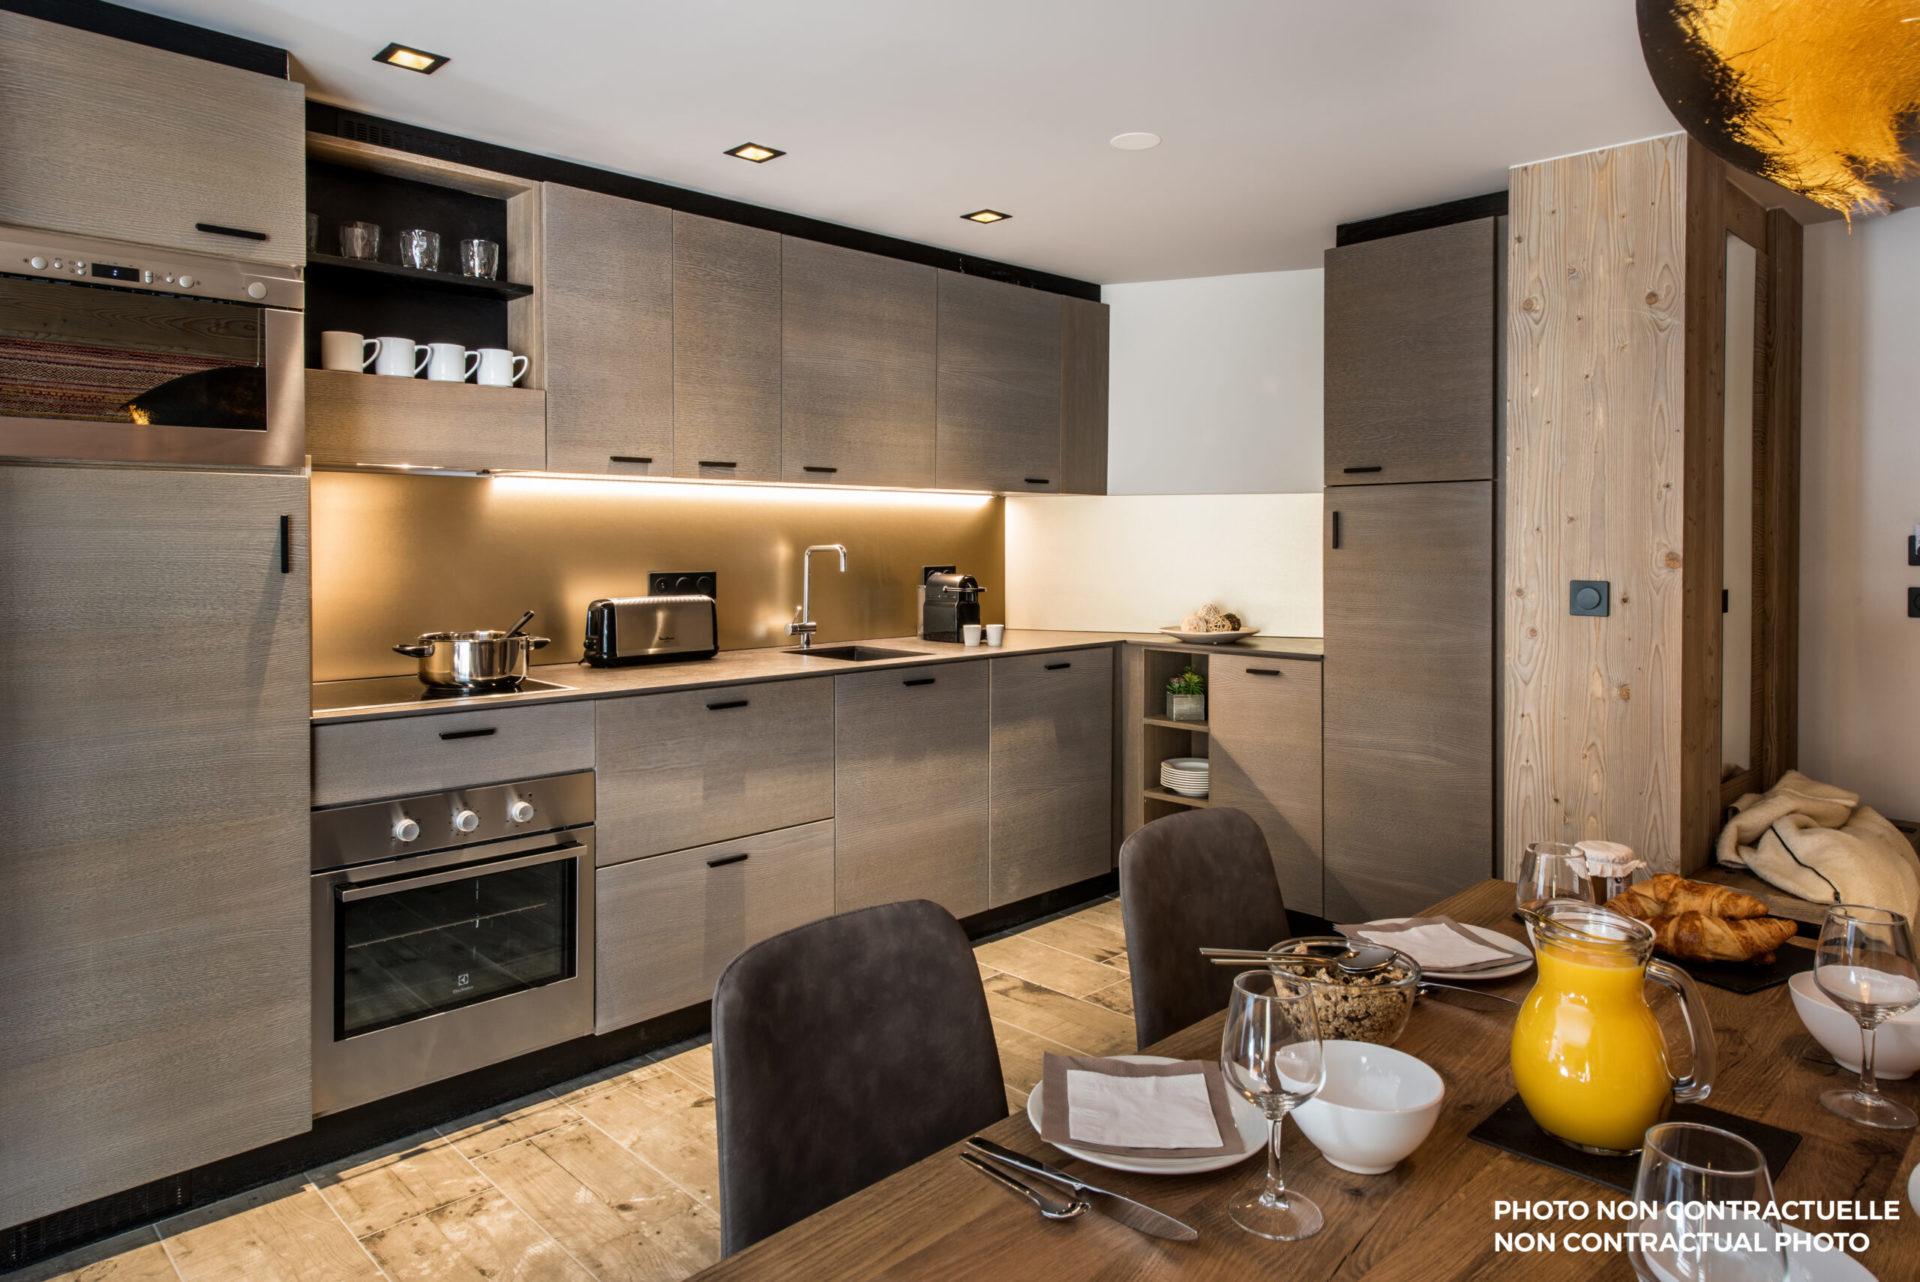 Chalet Izia kitchen